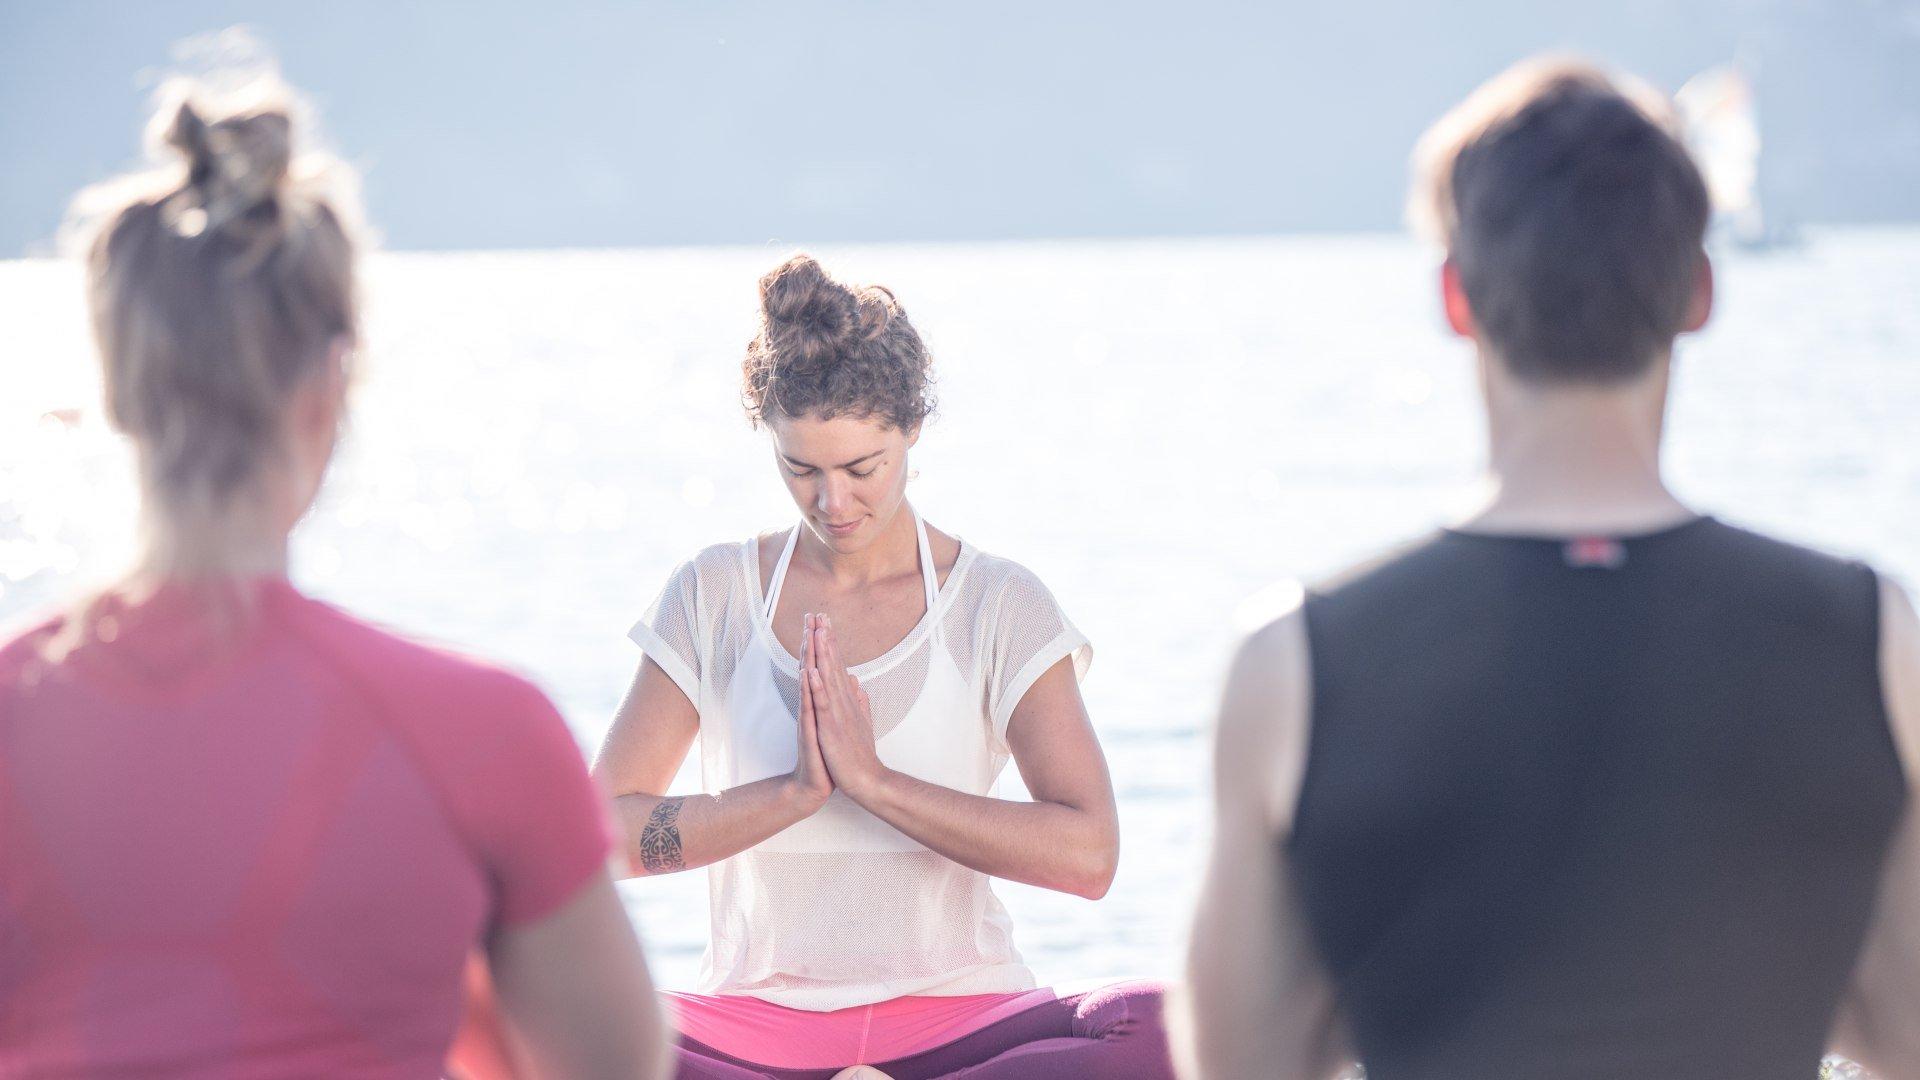 Mit dem Abschiedsgruß Namaste beendet die Yogalehrerin ihre Yogastunde unter dem blauen Himmel am Ufer des Tegernsees in Bad Wiessee., © Hansi Heckmair